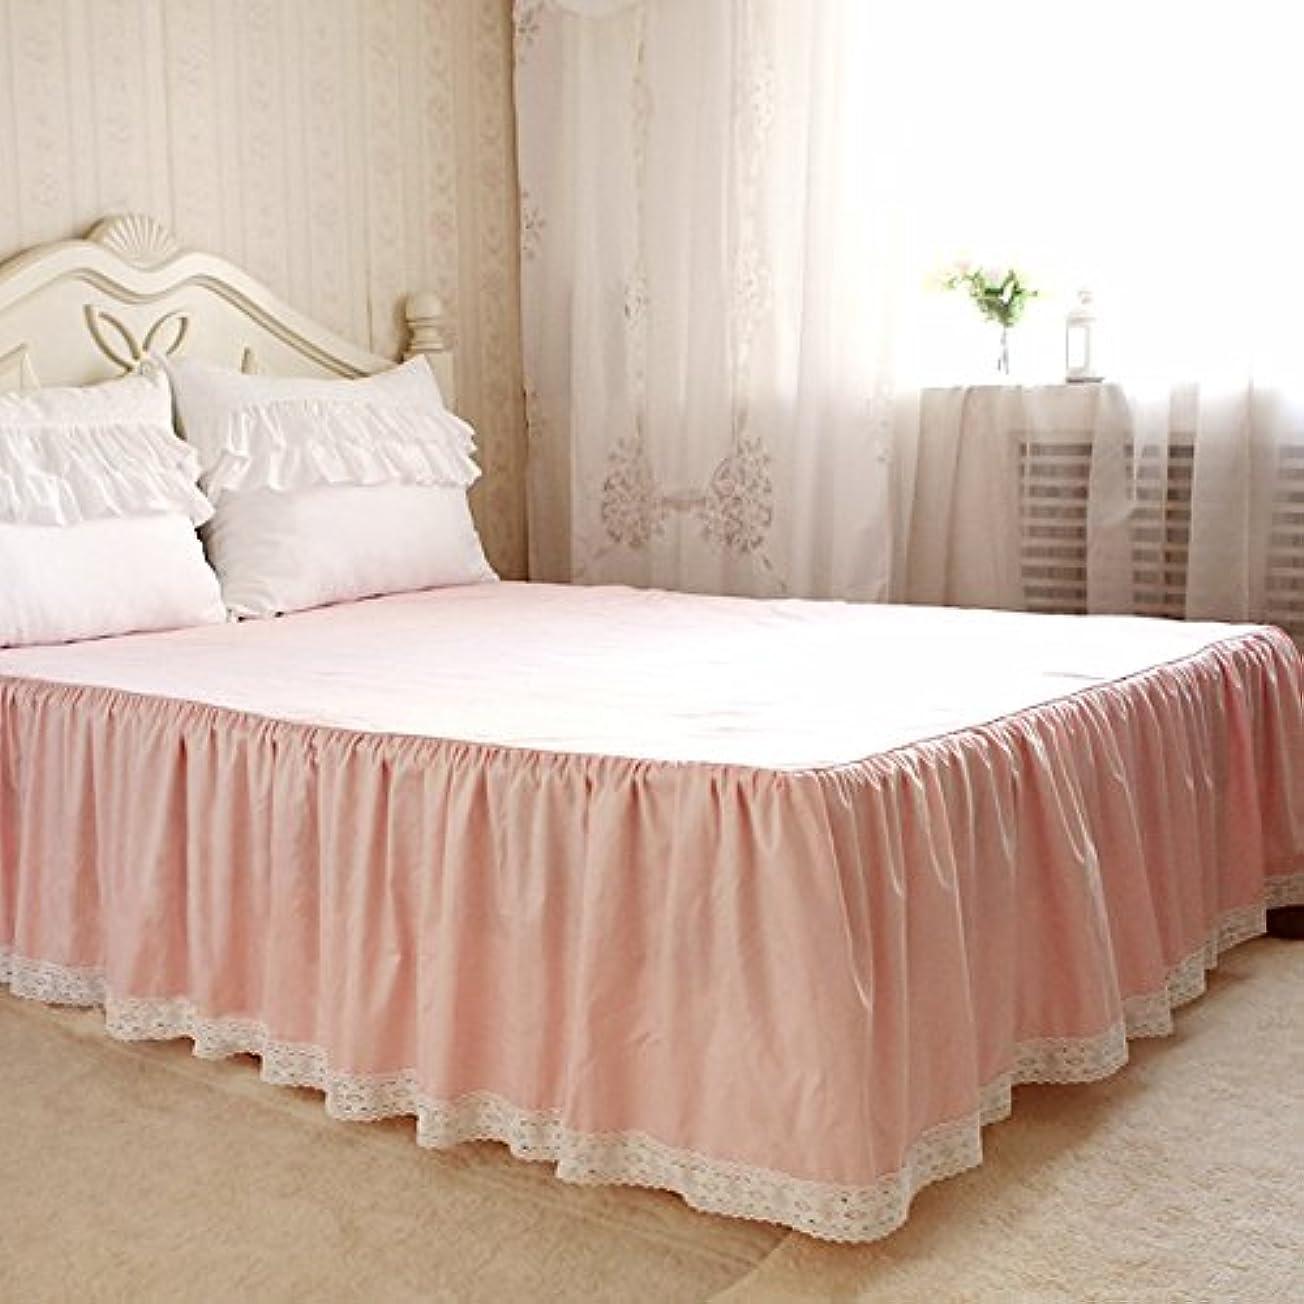 区感動する意気消沈したホワイトレース付きベッドカバー/綿100%ベッドスカート (ダブル, ピンク)